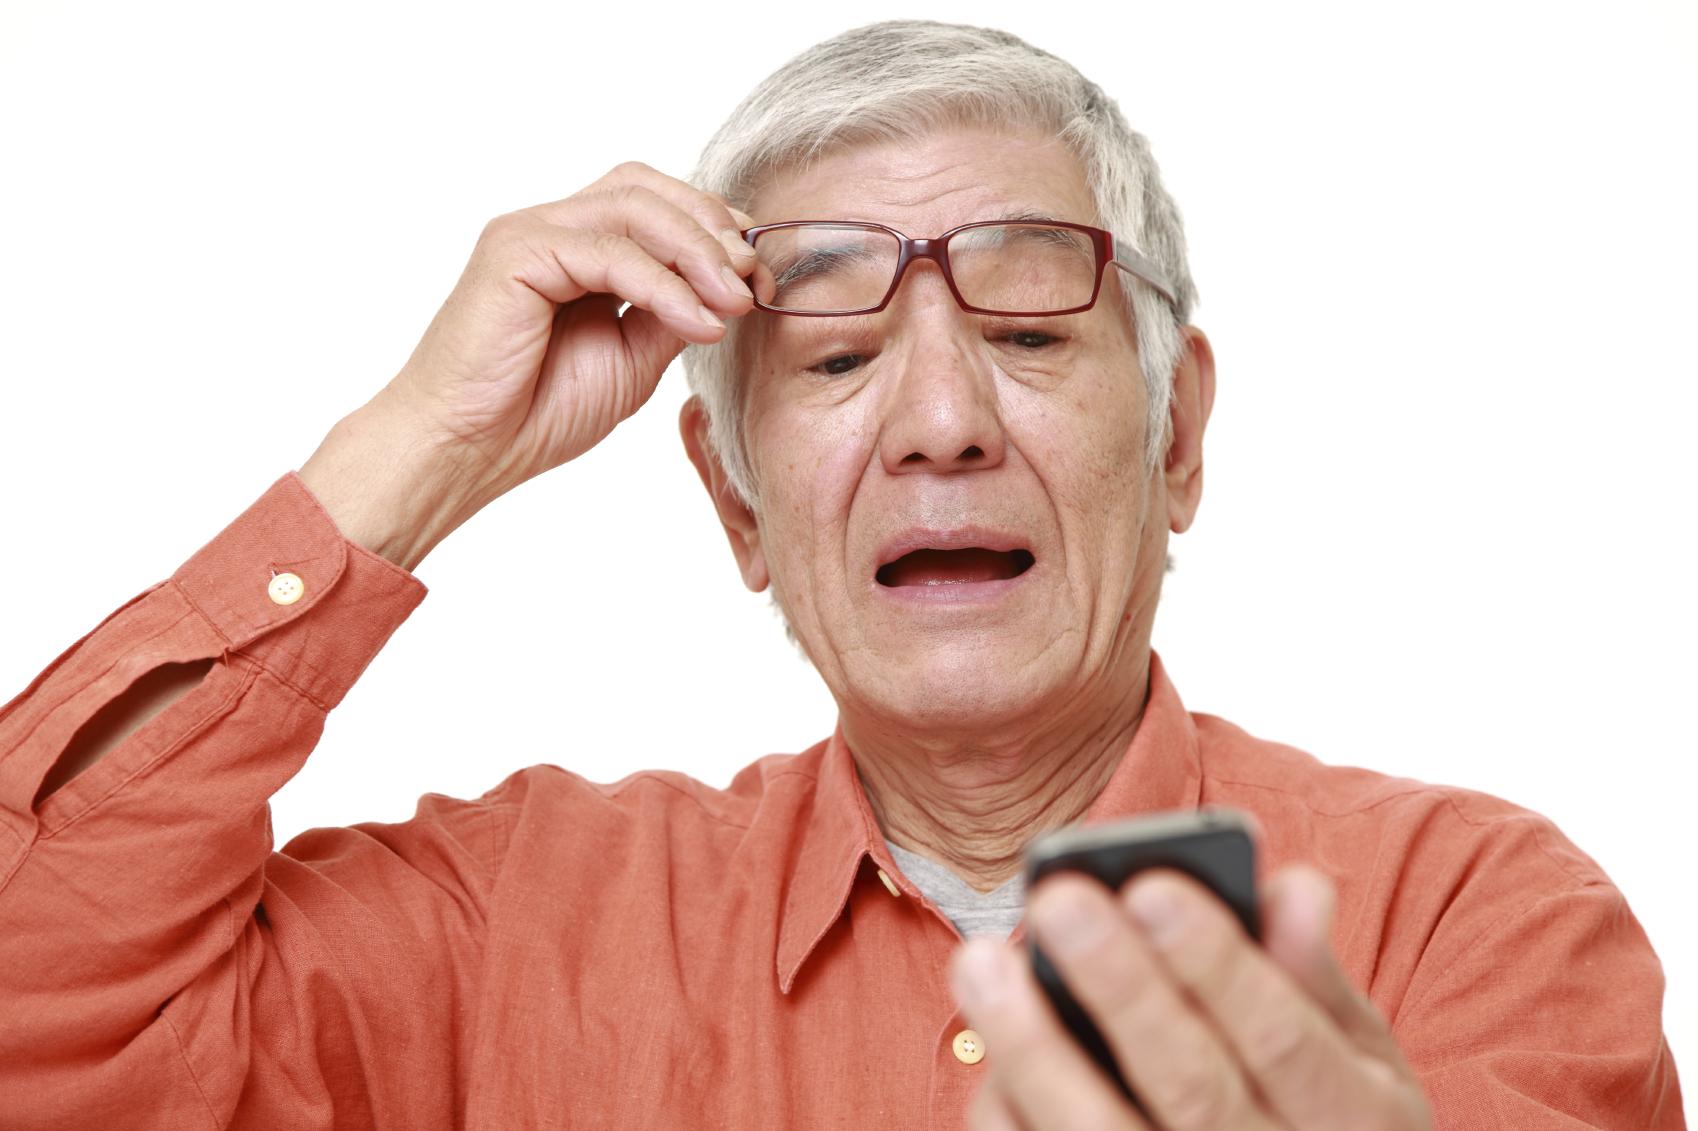 hogyan lehet gyorsan javítani a látásodon egyidejű látásvizsgálatok